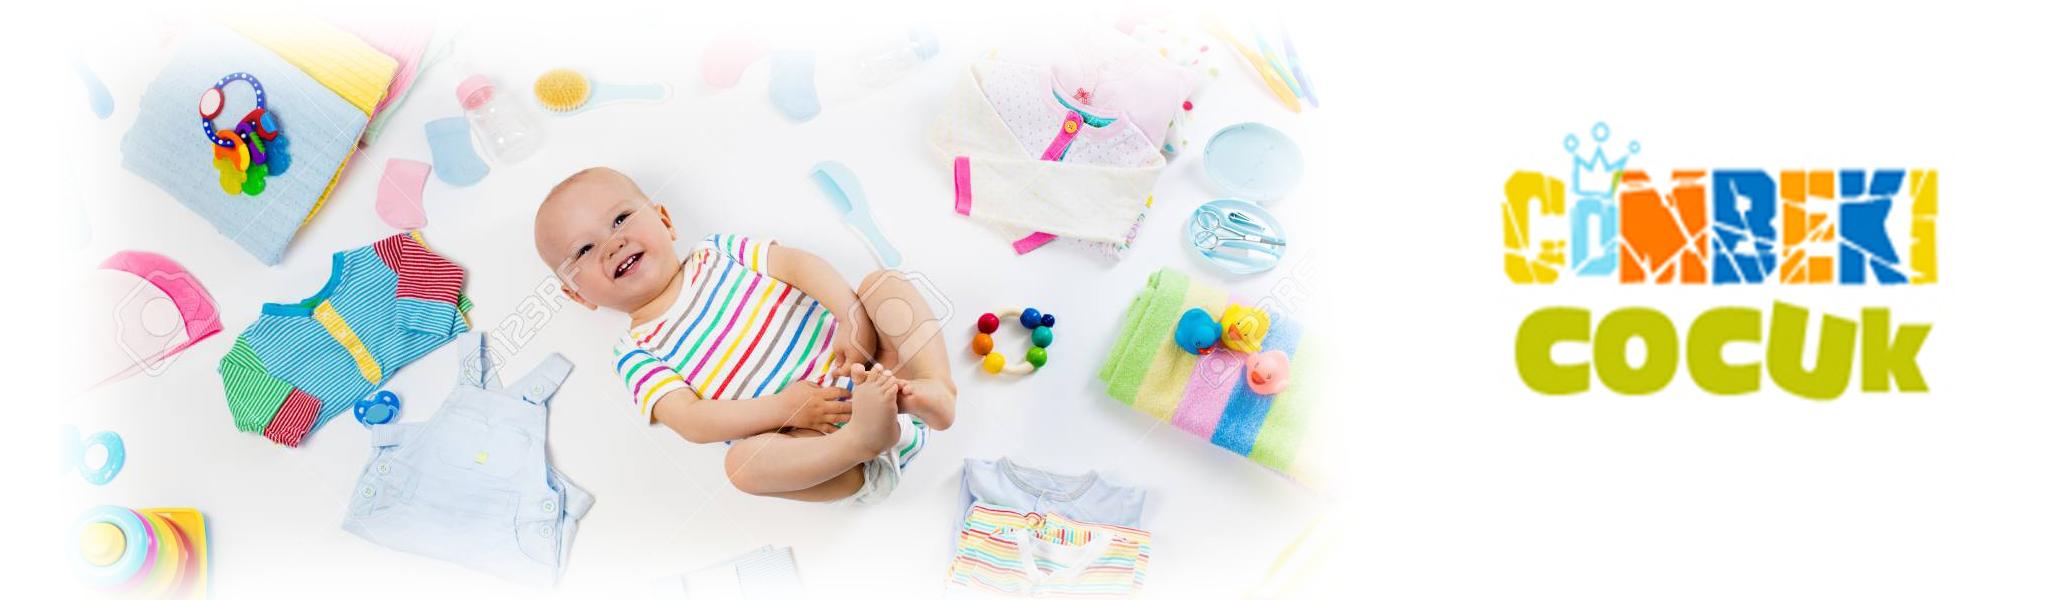 Bebeklere Tuvalet Eğitimi Ne Zaman Verilir?